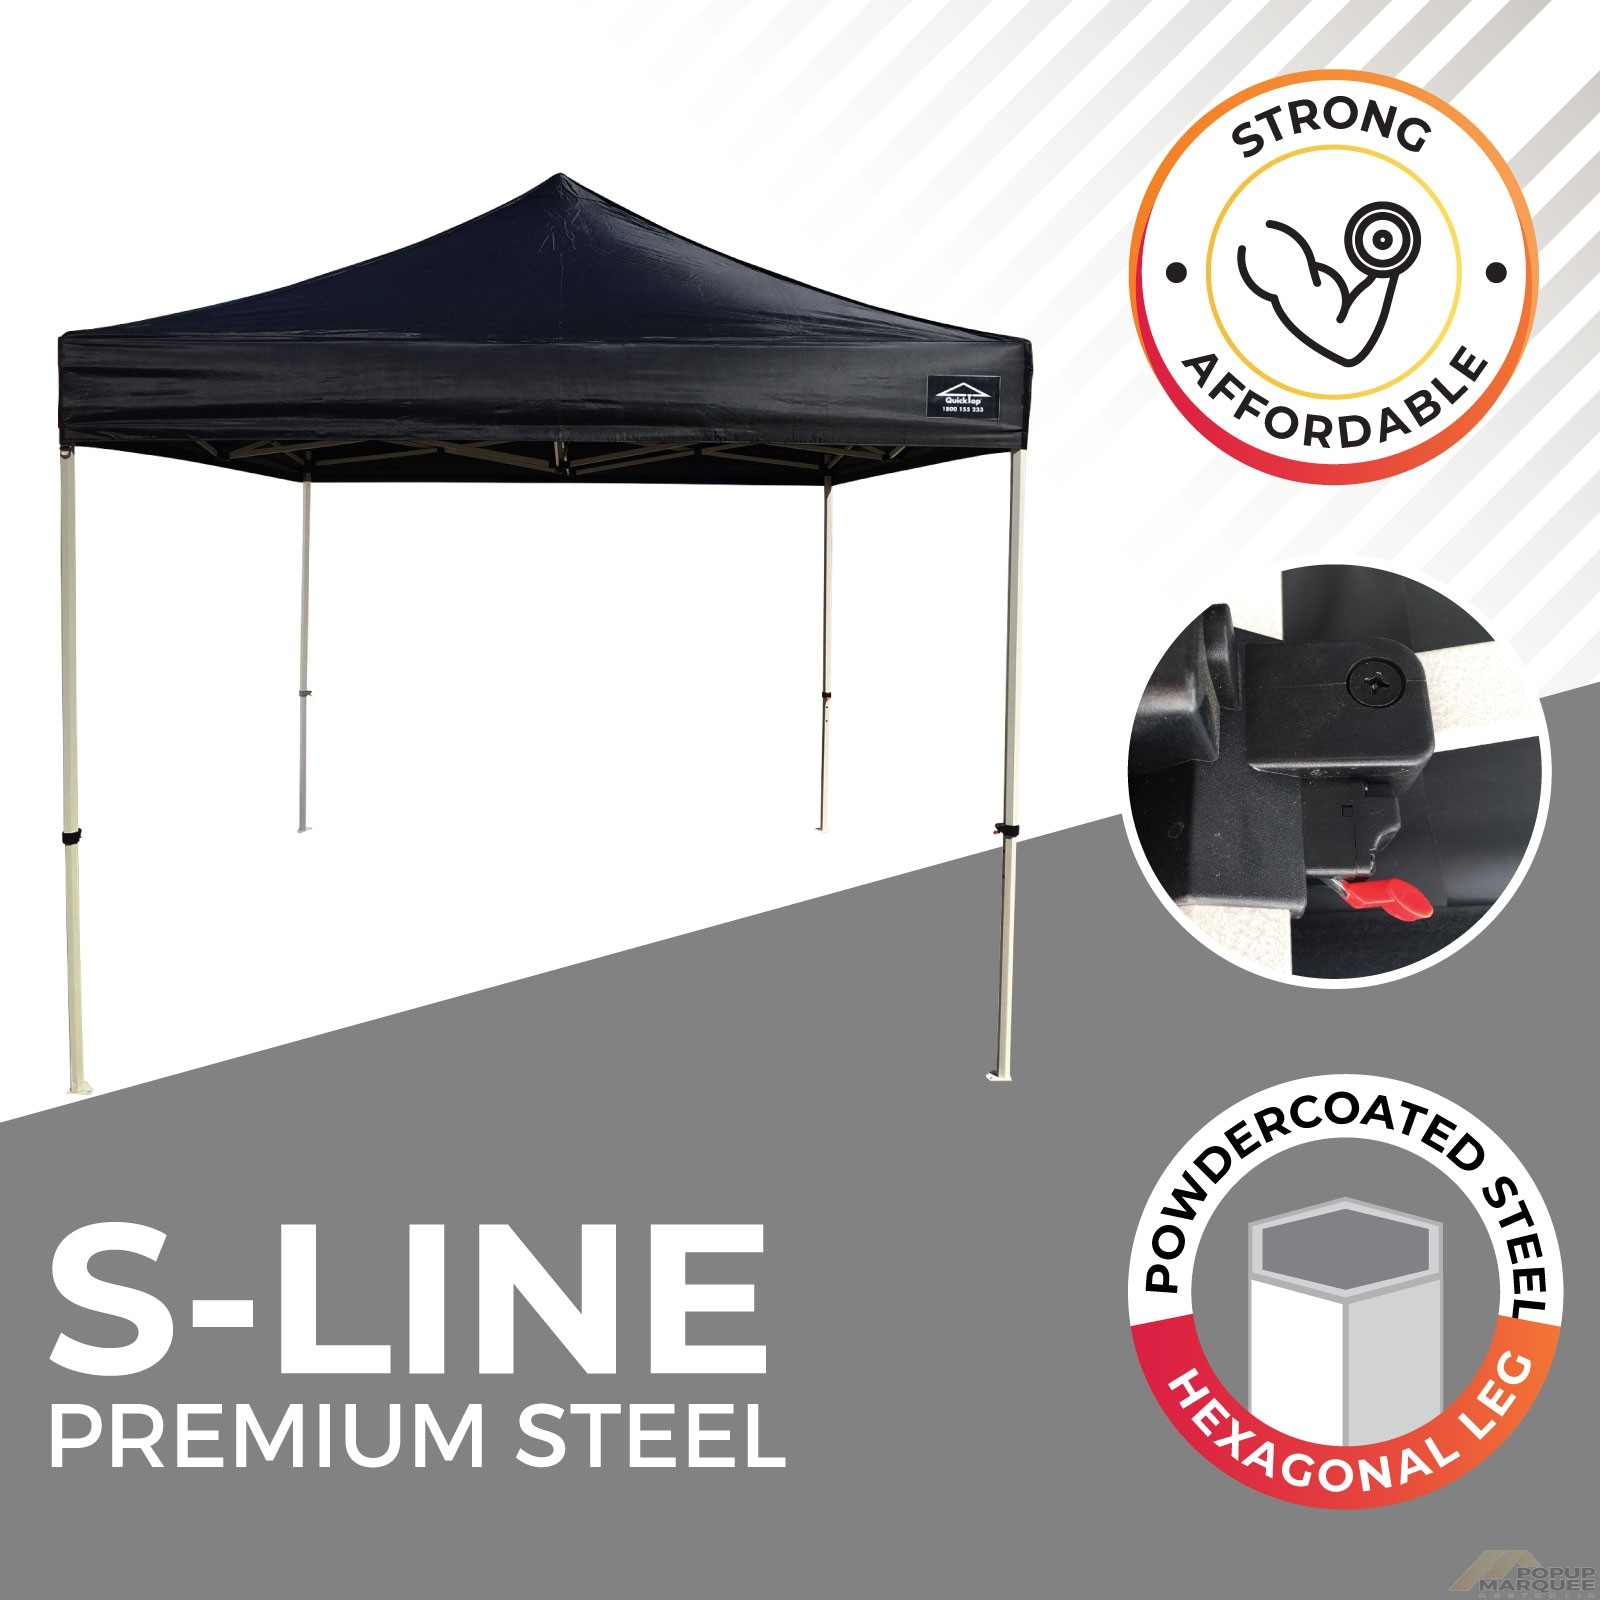 S-Line Premium Steel Popup Marquee